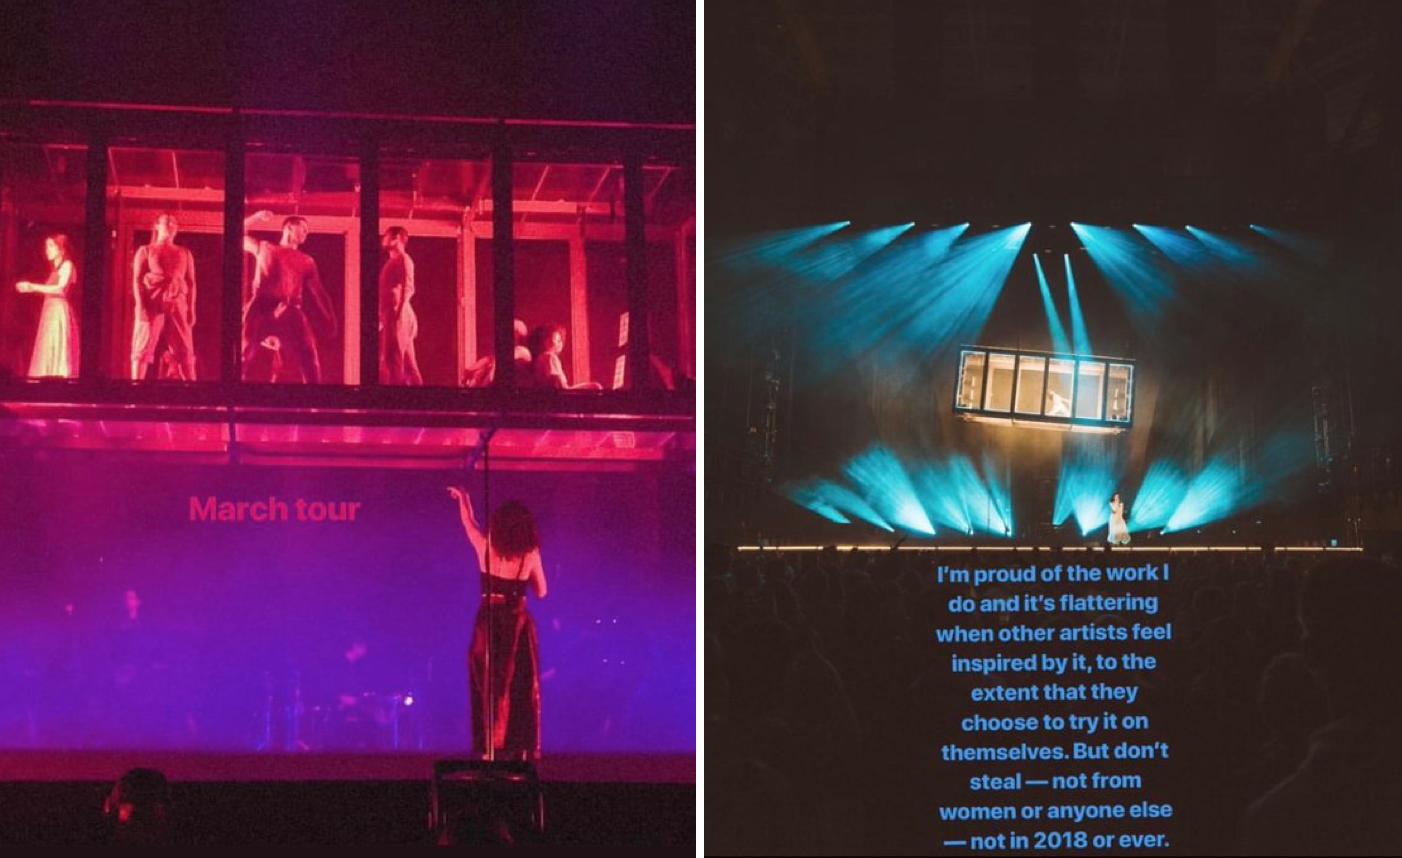 Lorde's Melodrama tour set